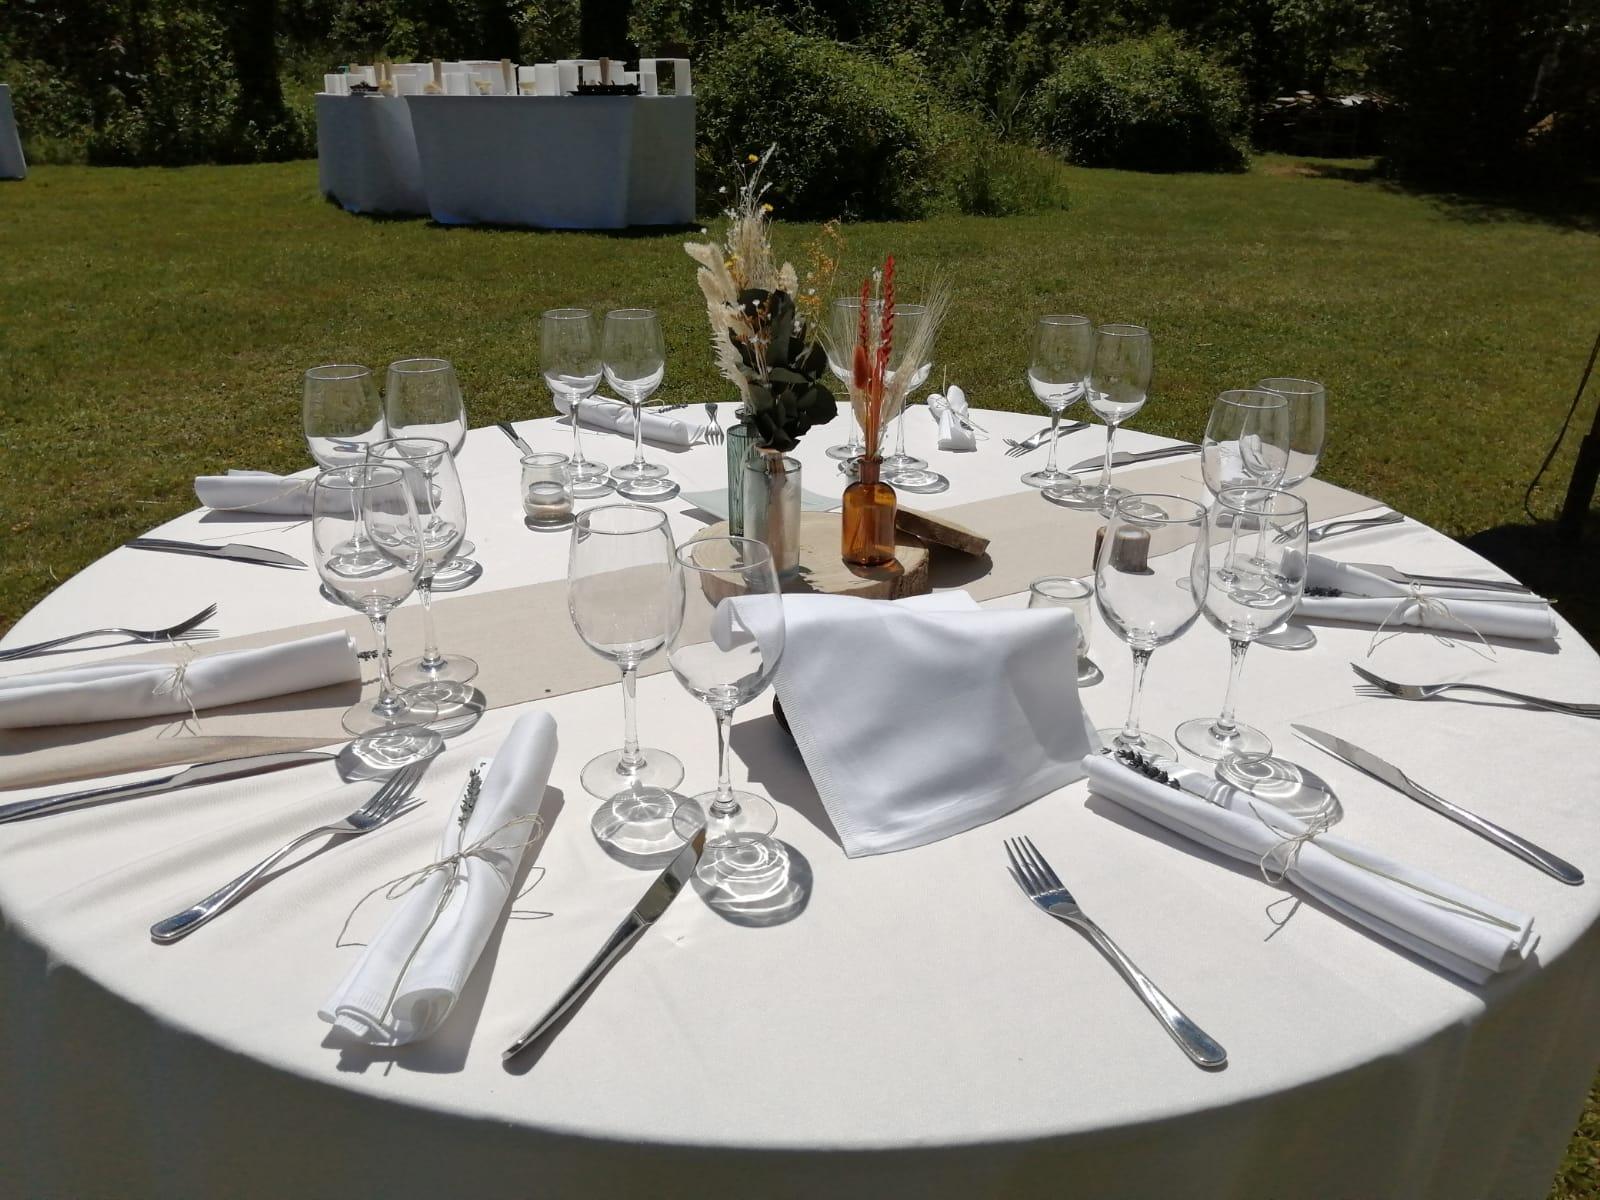 Décoration de table - Mariage - C&D Events, wedding planner / organisatrice de mariage dans l'Oise